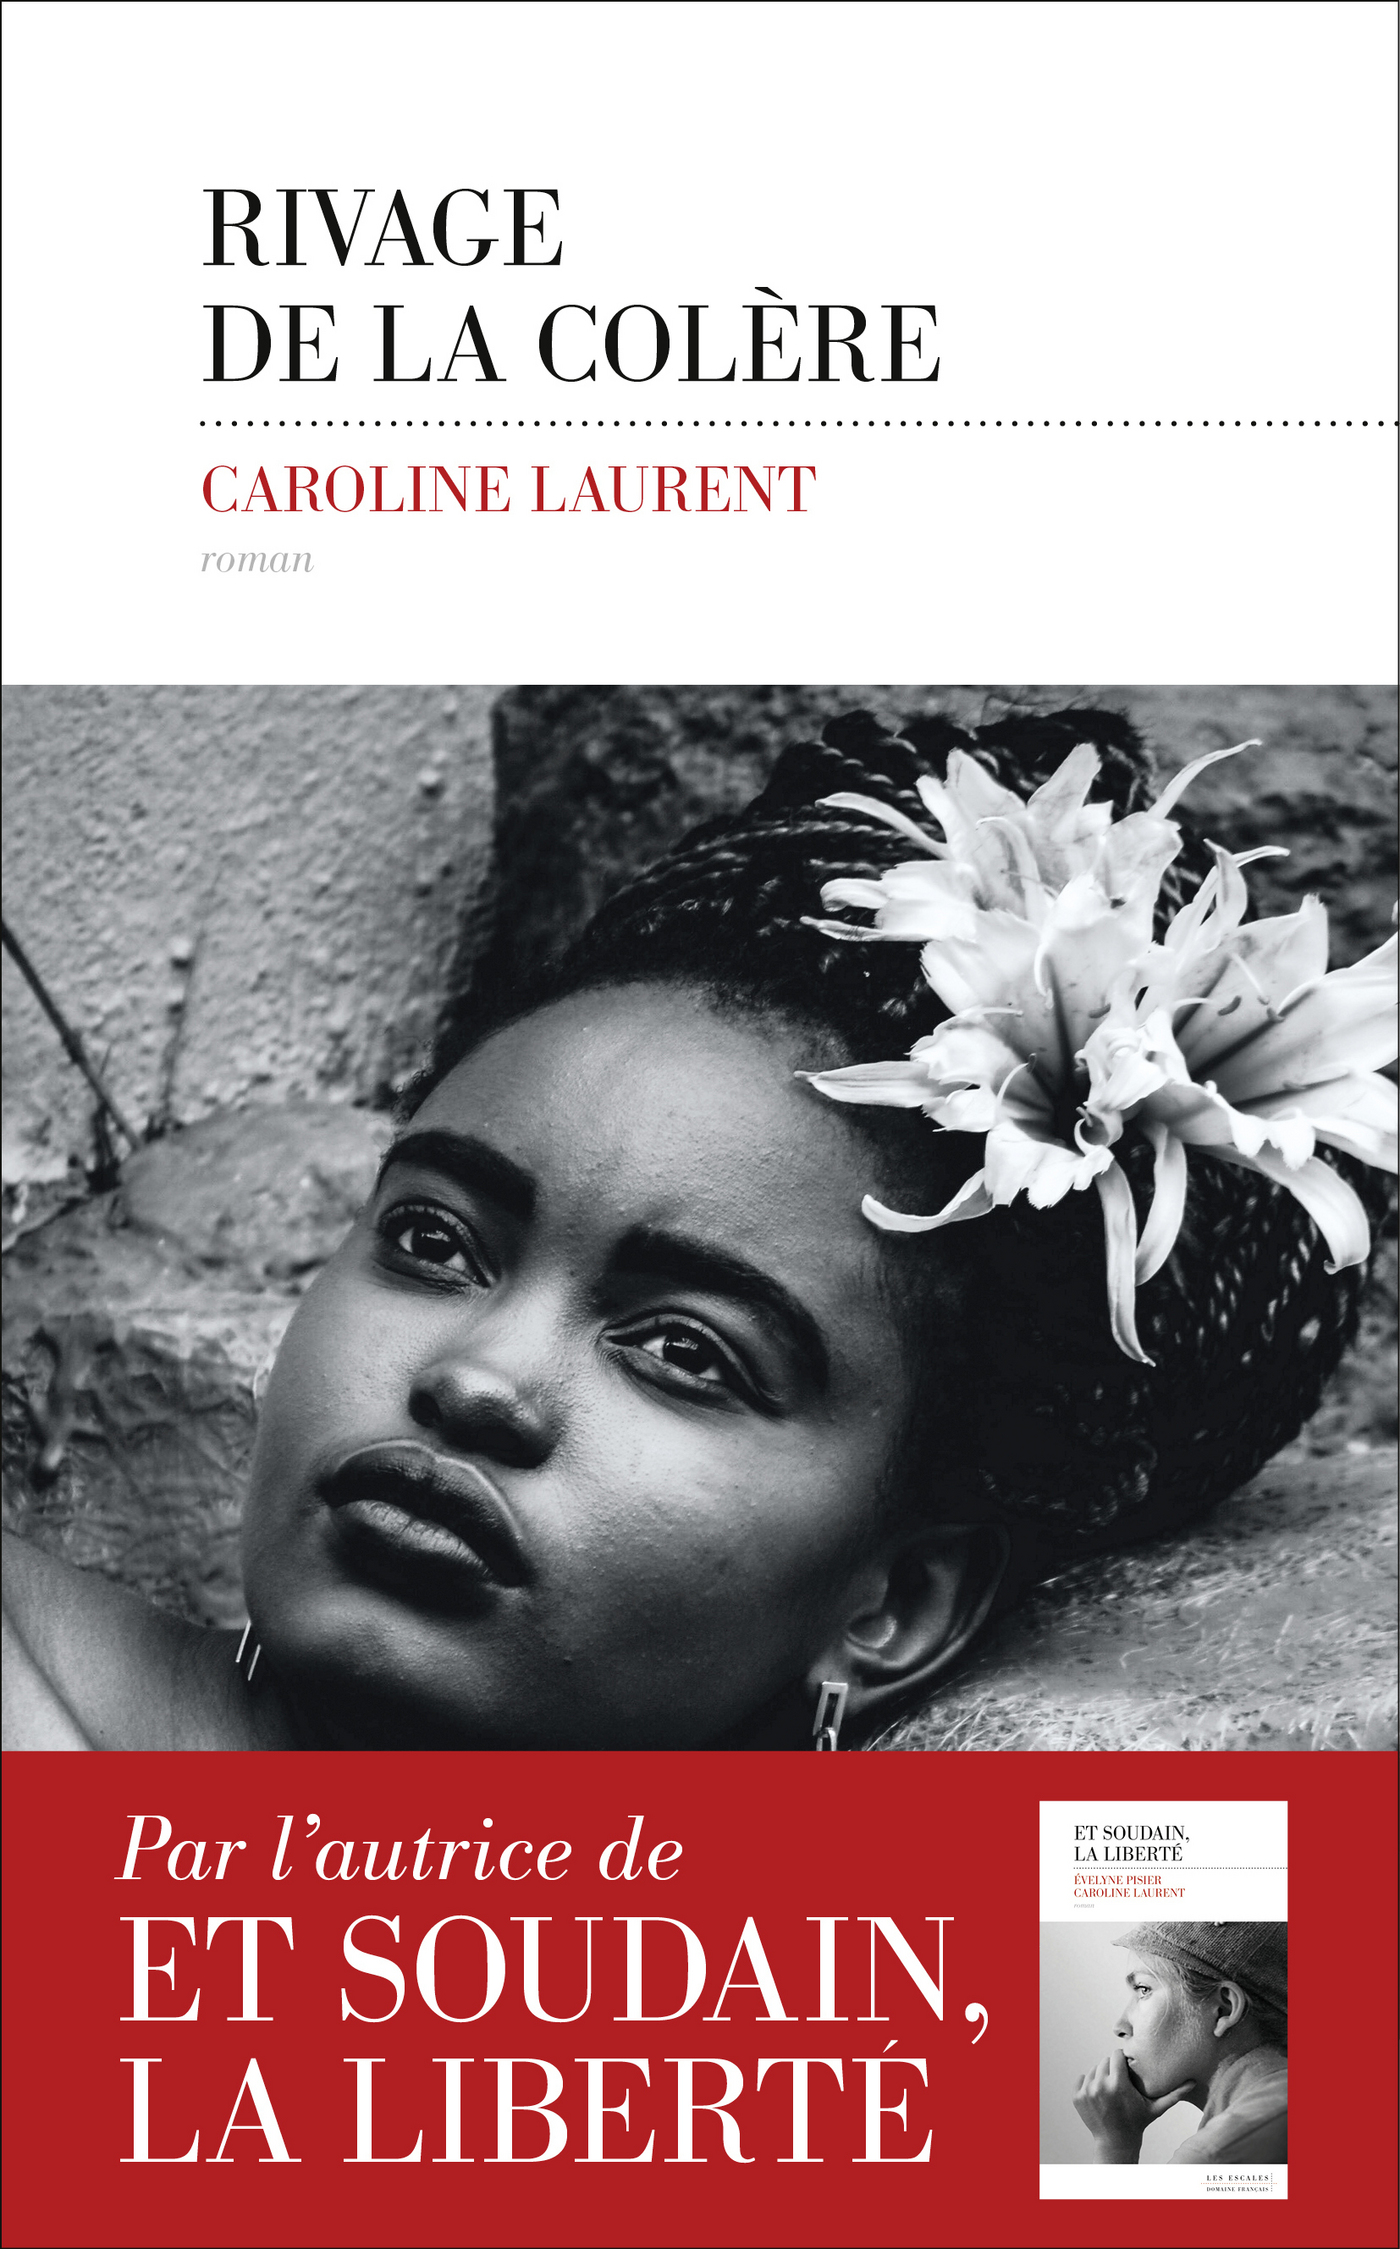 LAURENT_rivage_de_la_colere